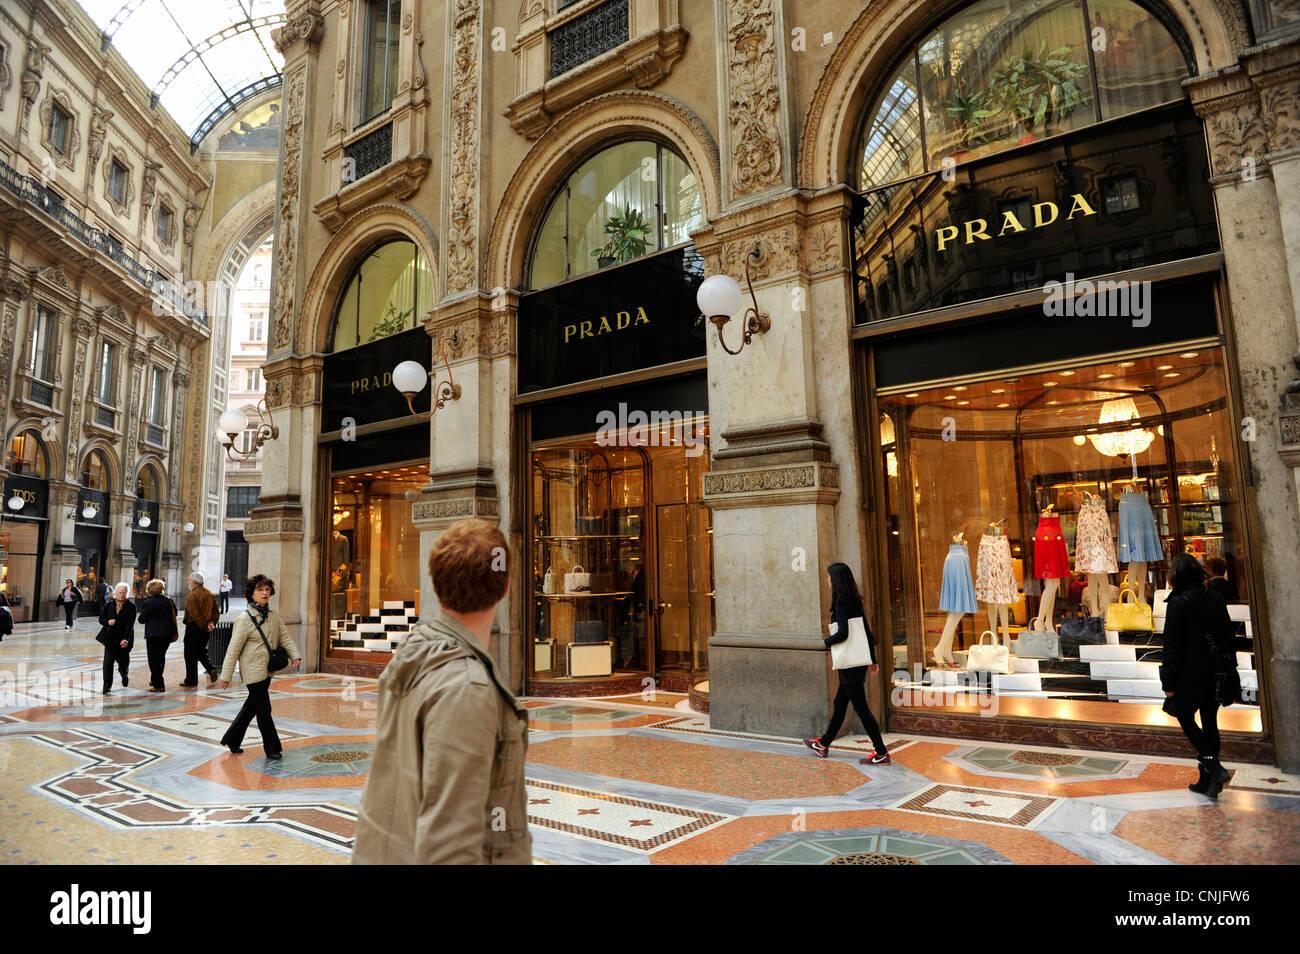 Prada shop galleria vittorio emanuele ii milan italy for Design city milano